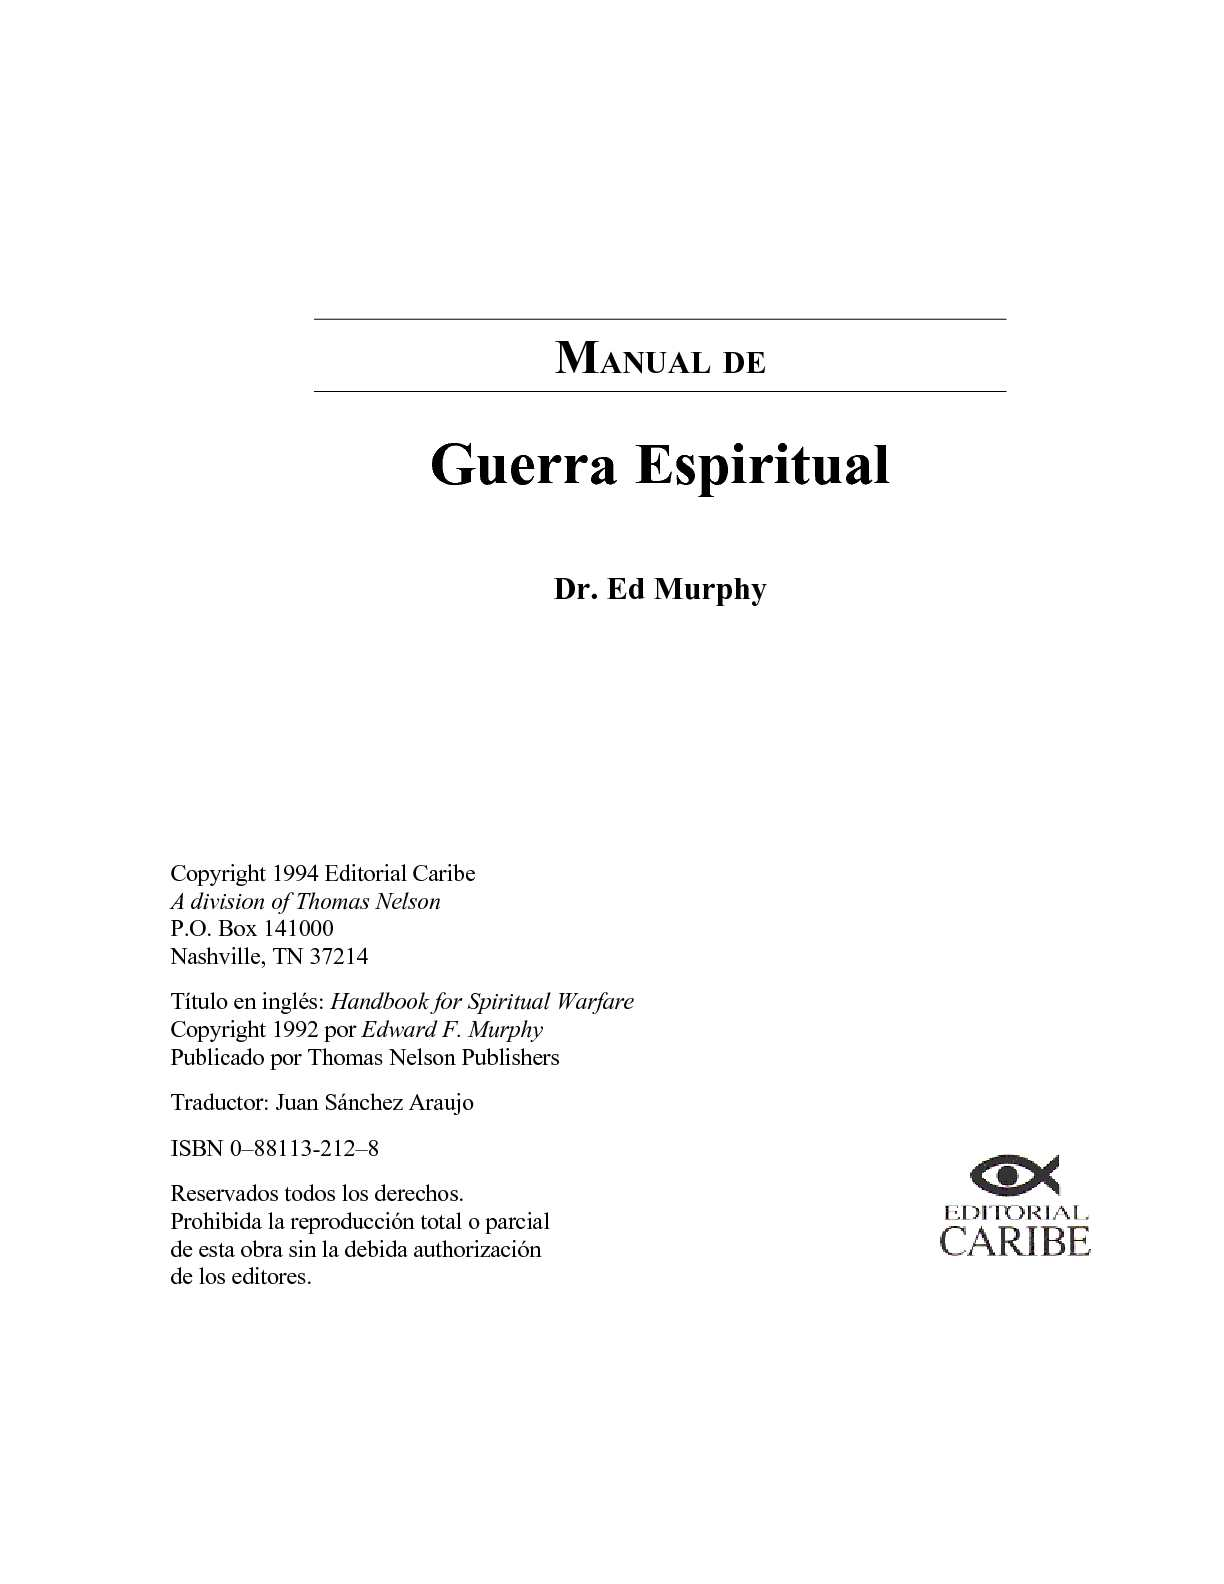 Calaméo - Manual de Guerra Espiritual